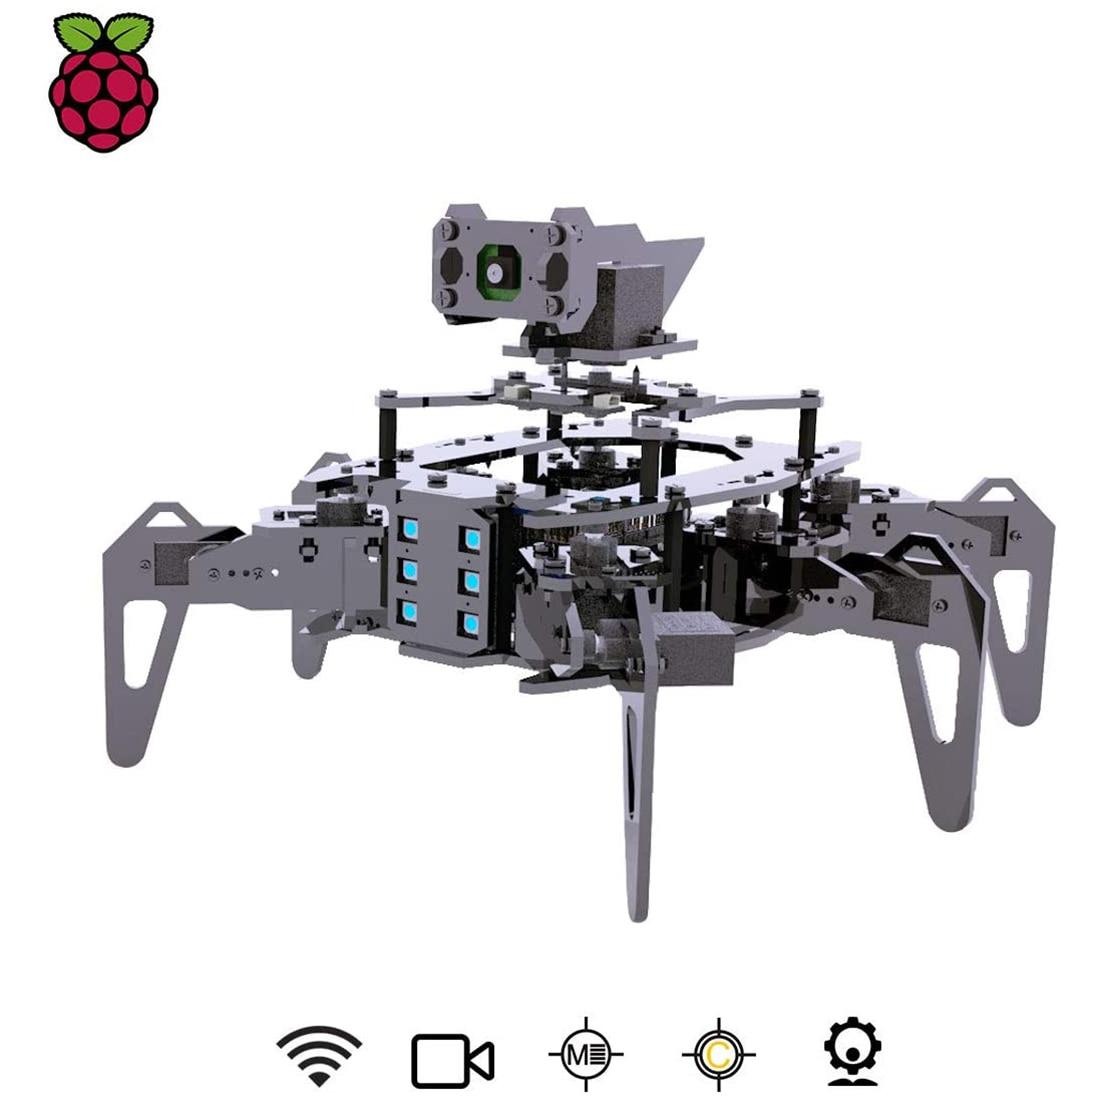 عدة روبوت عنكبوتية من raspclaw Hexapod مع جهاز تتبع الهدف من OpenCV روبوت زاحف لنقل الفيديو من أجل راسبيري Pi 3 موديل B +/B